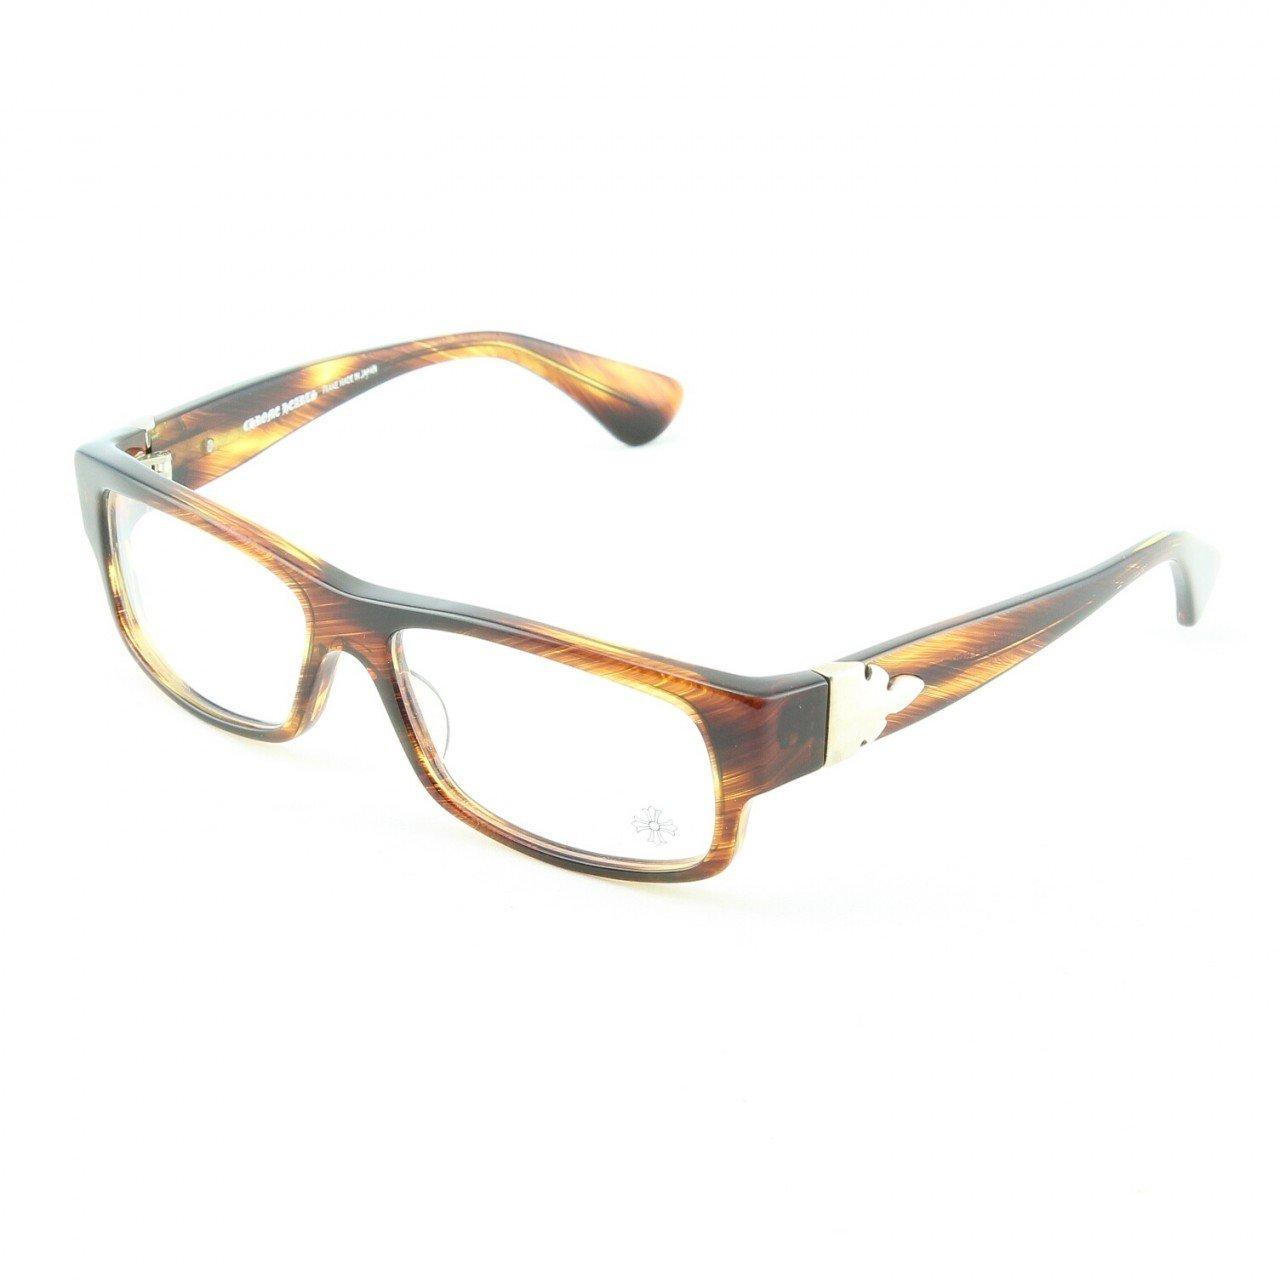 Chrome Hearts Dismembered Flerknee Eyeglasses Oak Stripe